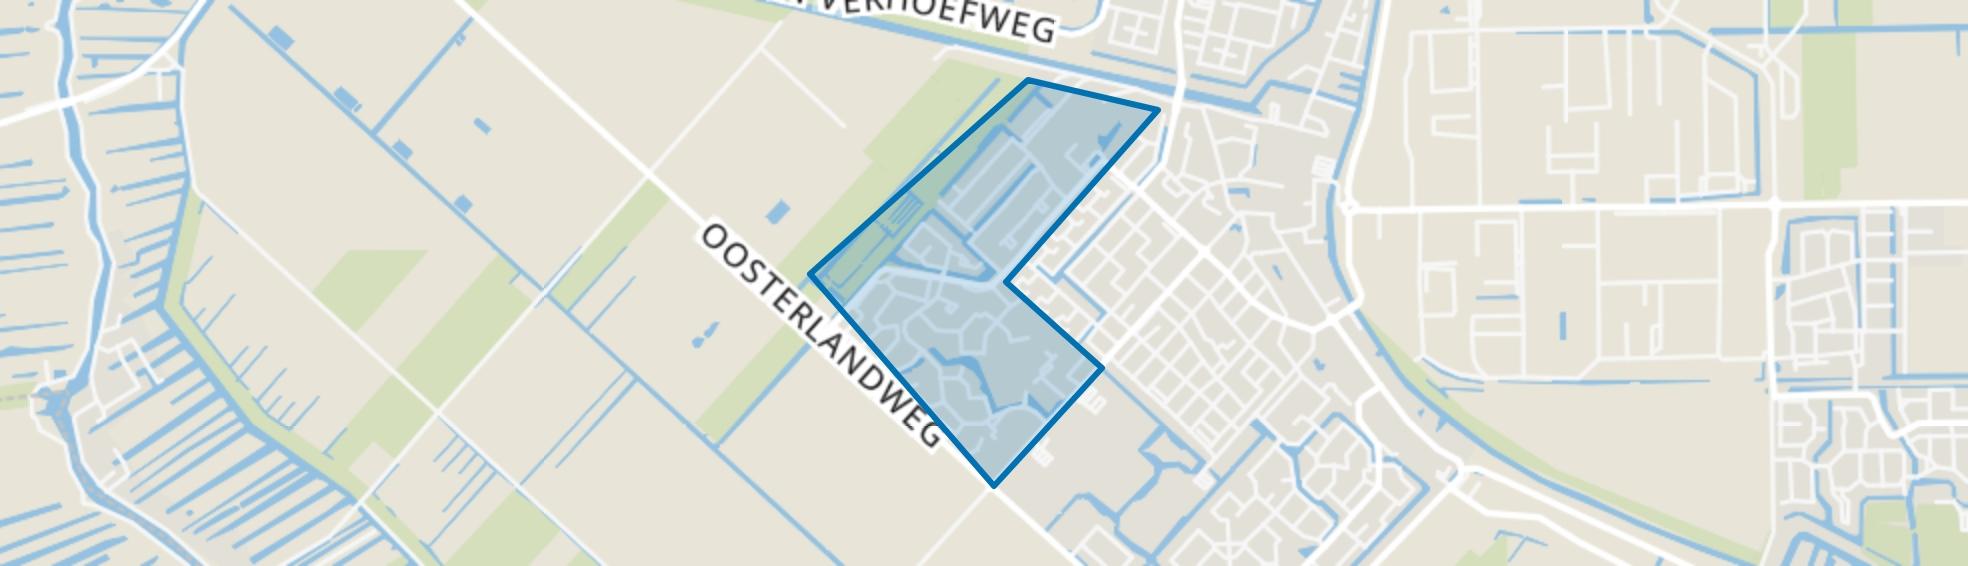 Twistvlied-Wickelhof, Mijdrecht map